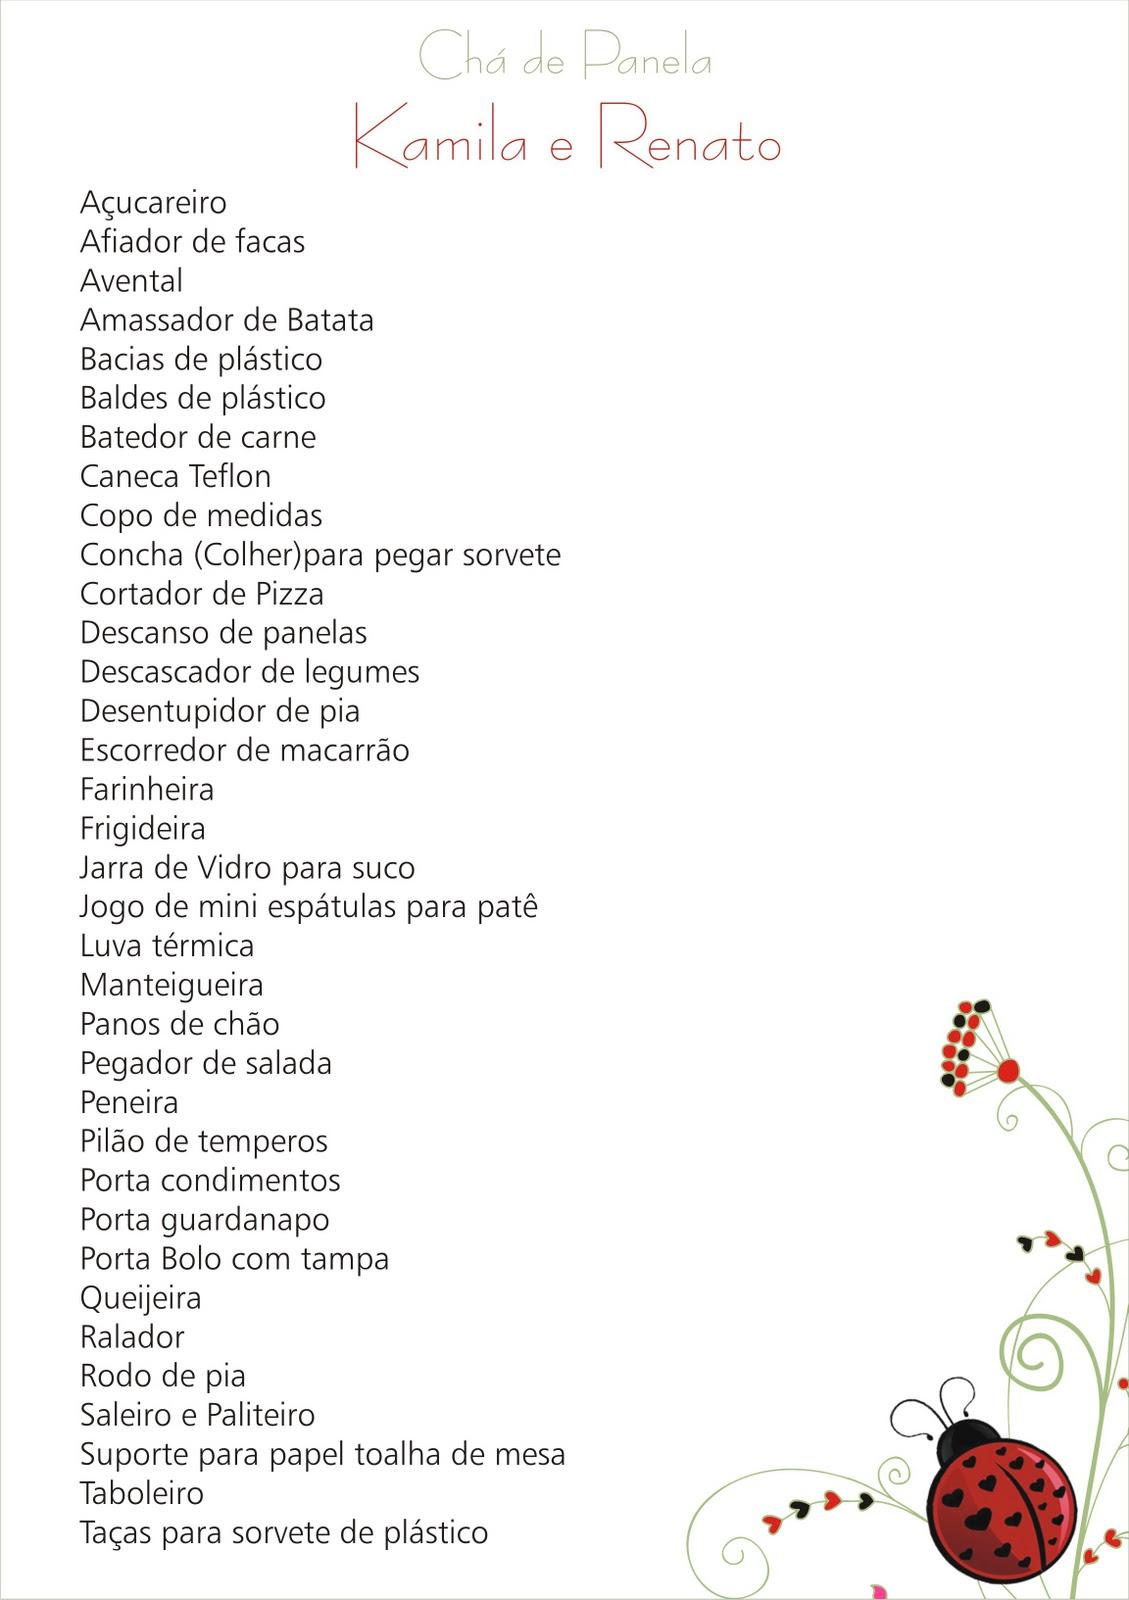 Conhecido Lista De Ch De Panela Simples E Barato Ji61 Ivango